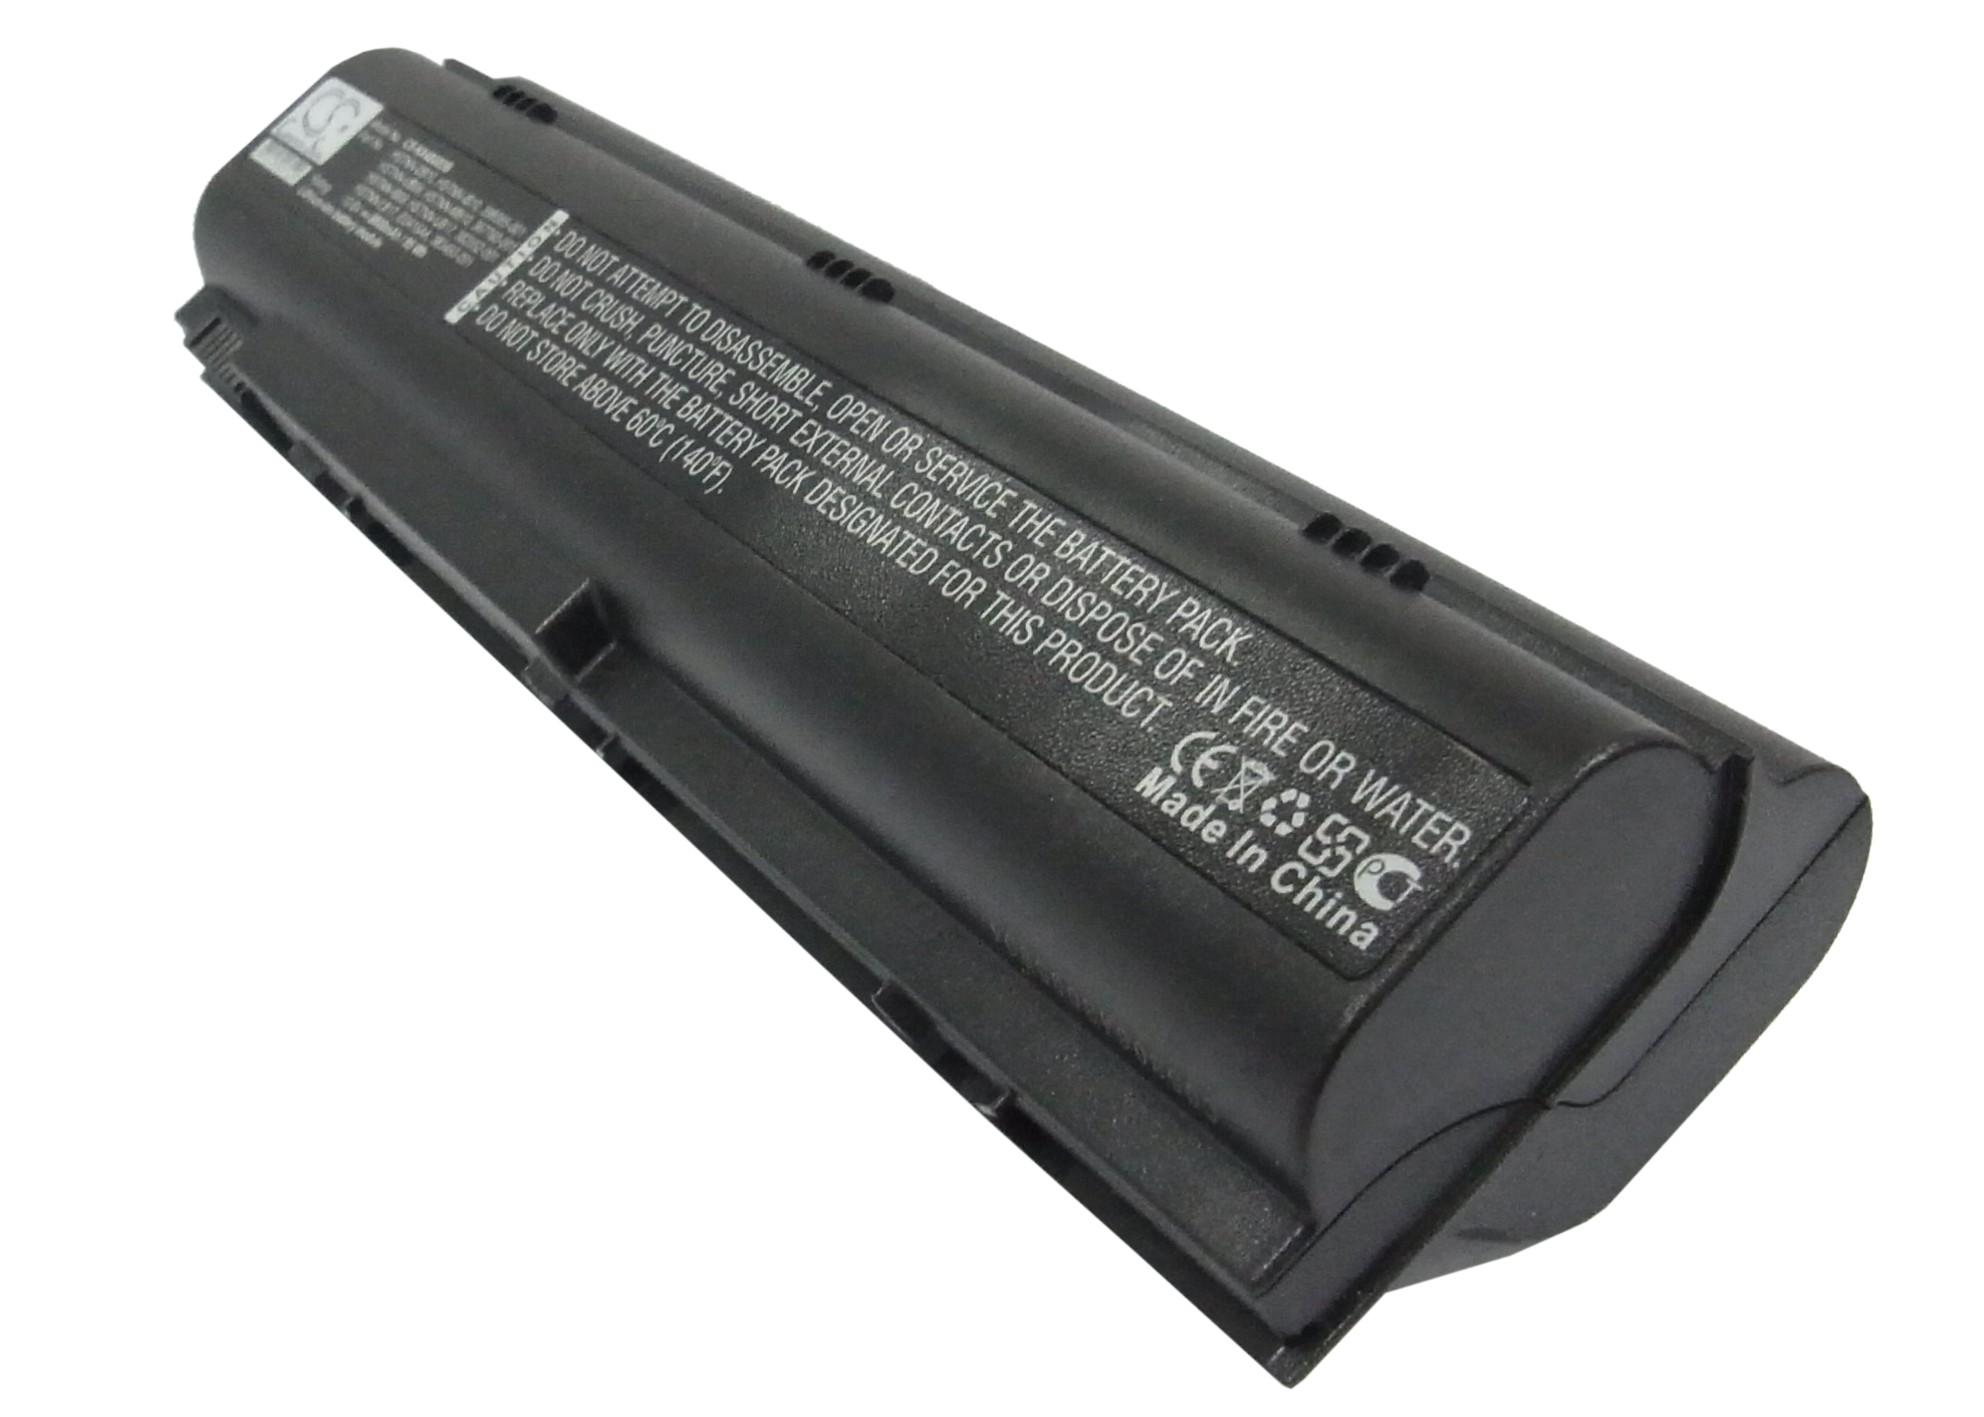 Cameron Sino baterie do notebooků pro HP Pavilion dv4000-PC268AV 10.8V Li-ion 8800mAh černá - neoriginální